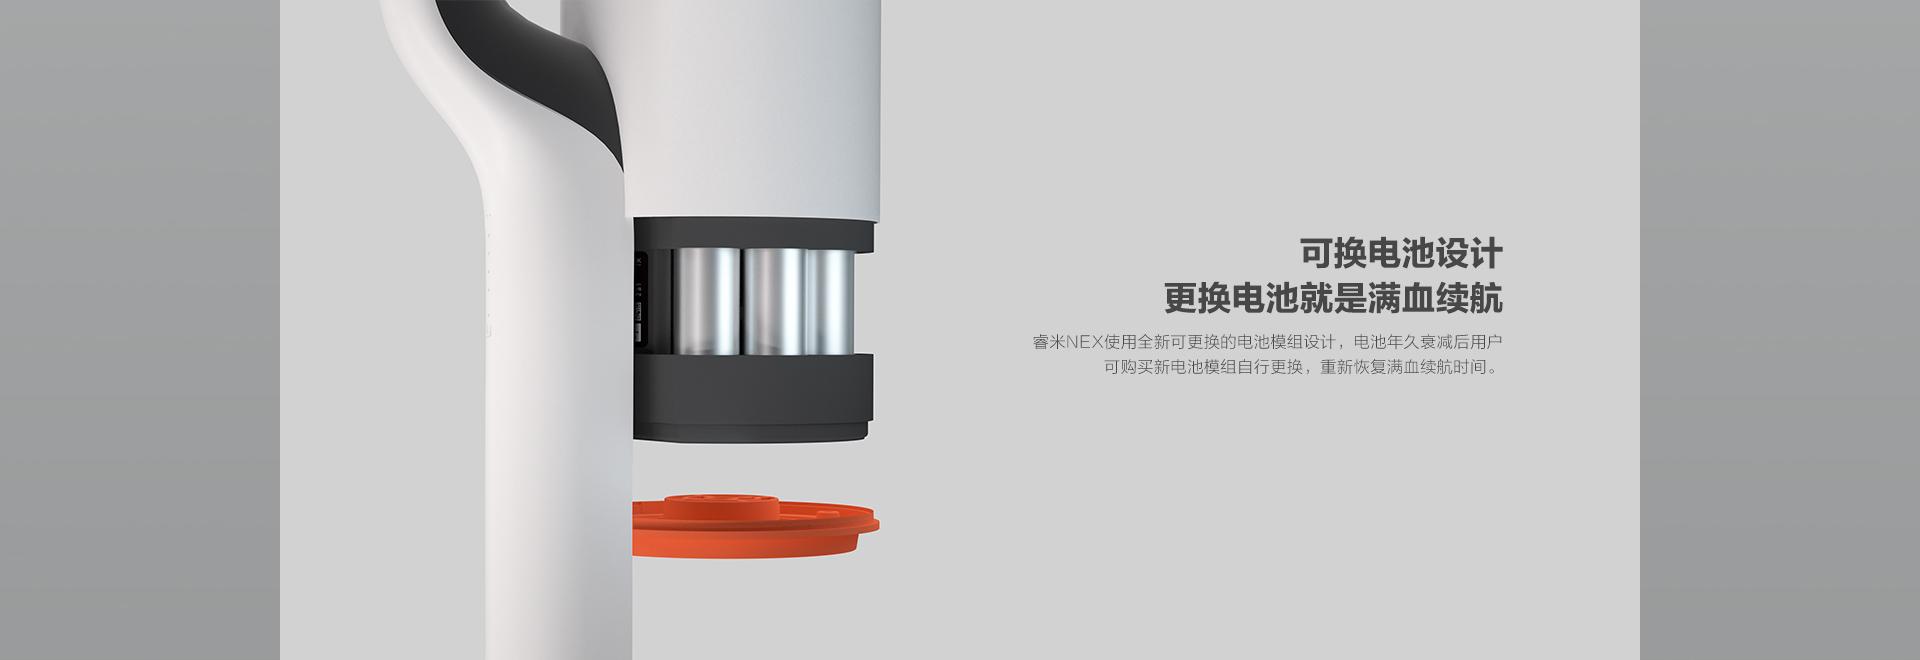 睿米手持无线吸尘器可换电池设计,更换电池就是满血续航